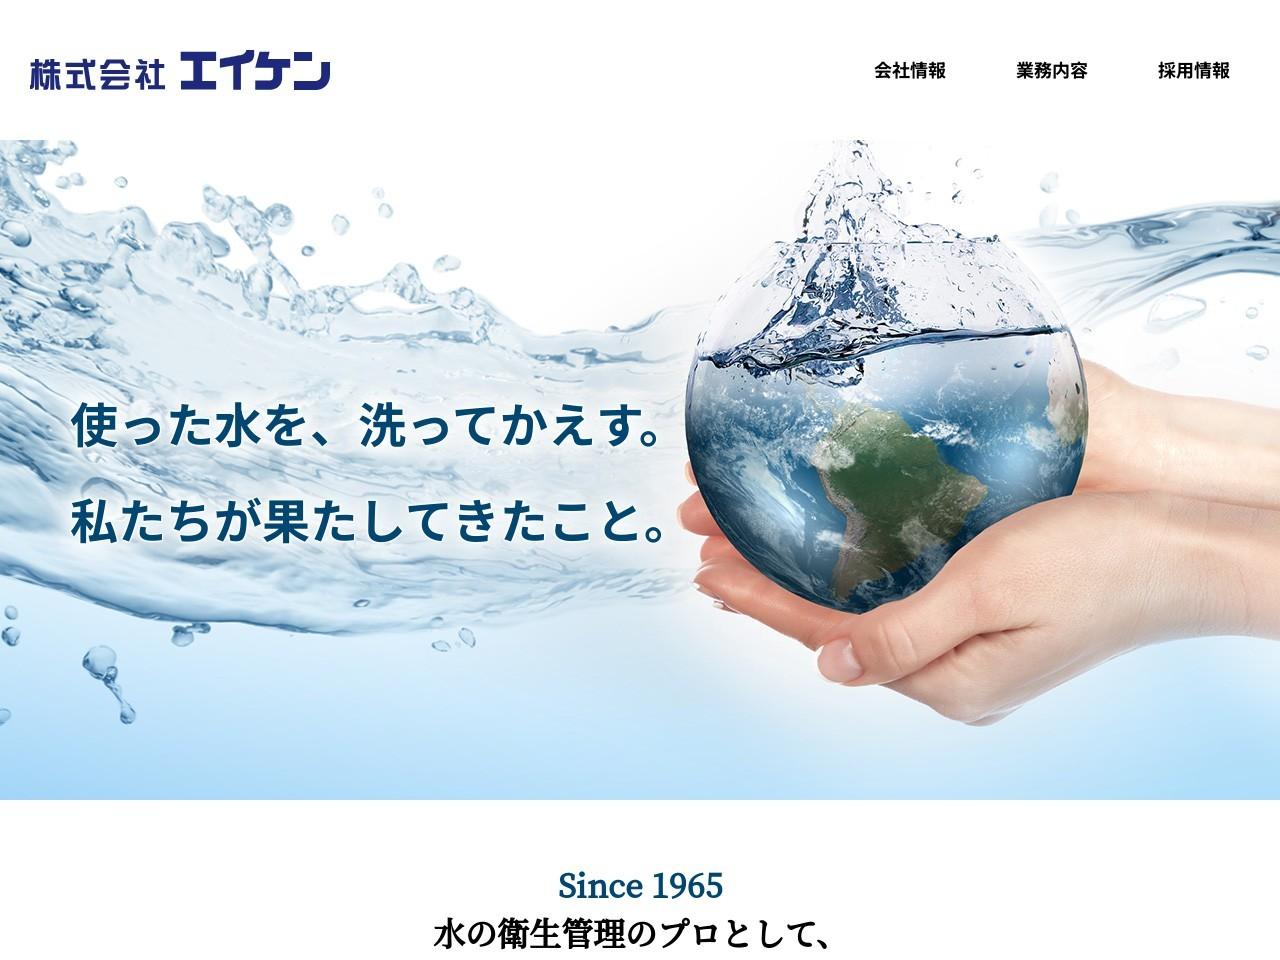 株式会社エイケン